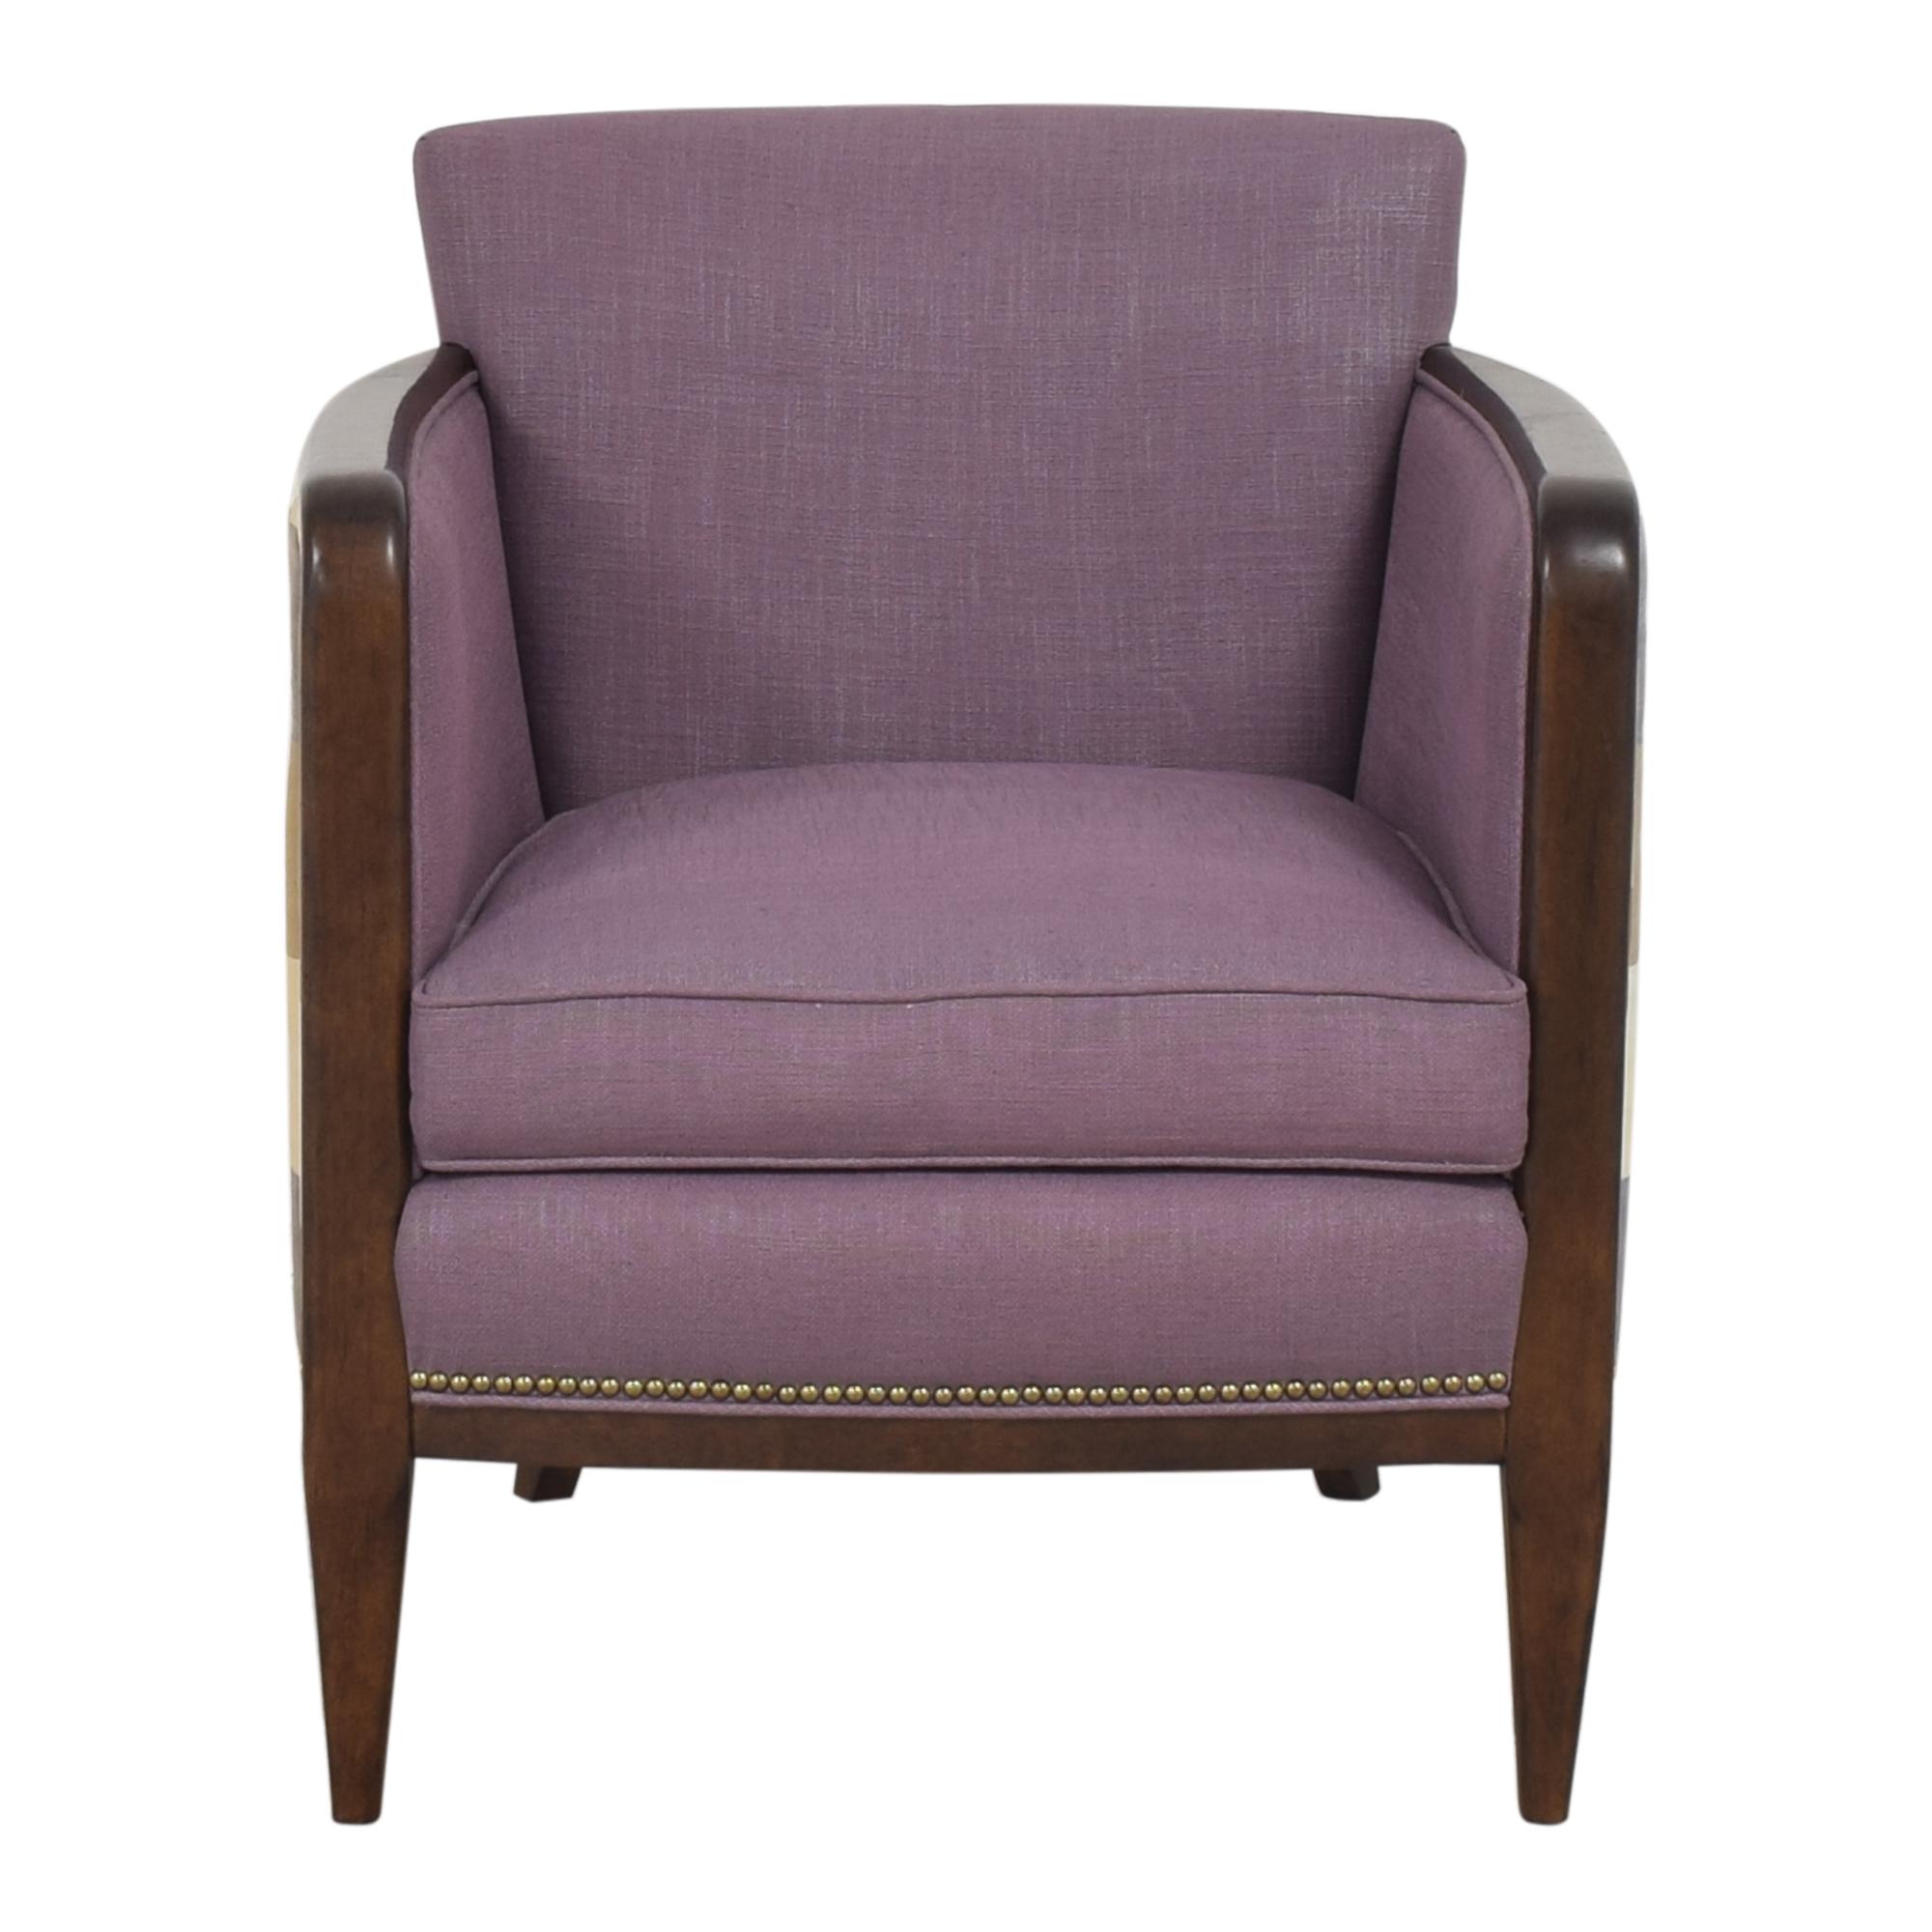 Kravet Kravet Plaid Back Accent Chair on sale